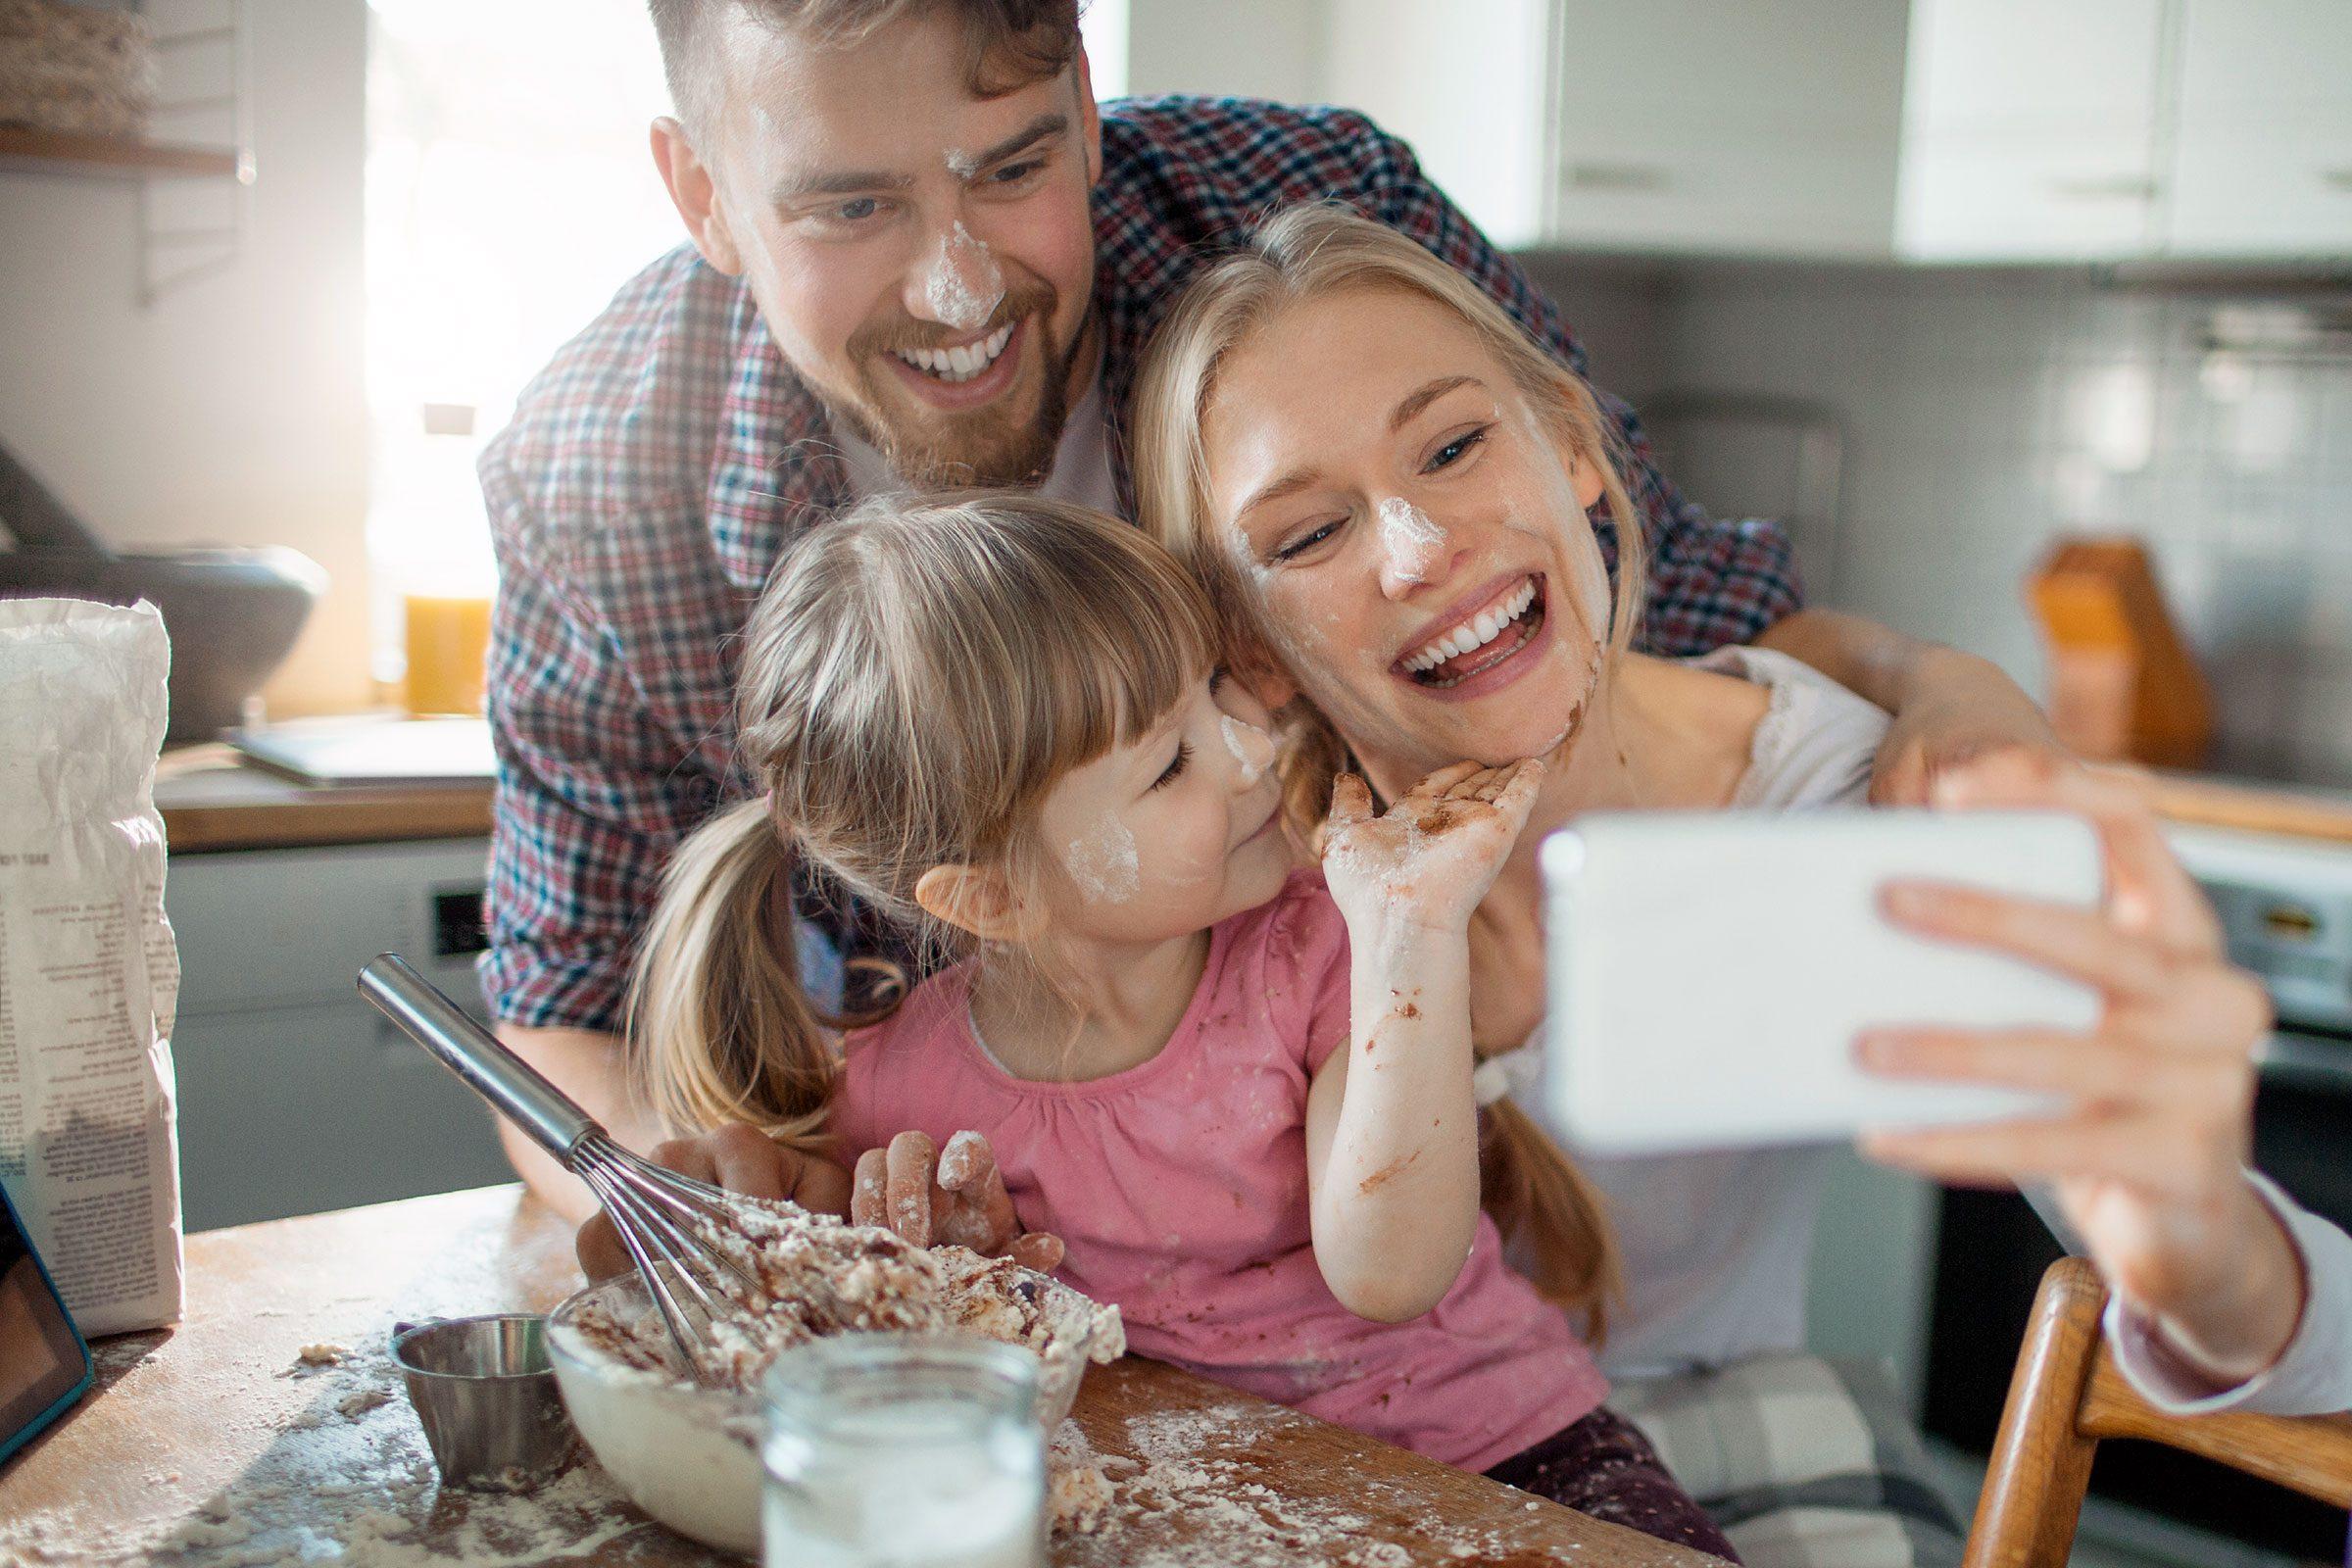 Small family essay